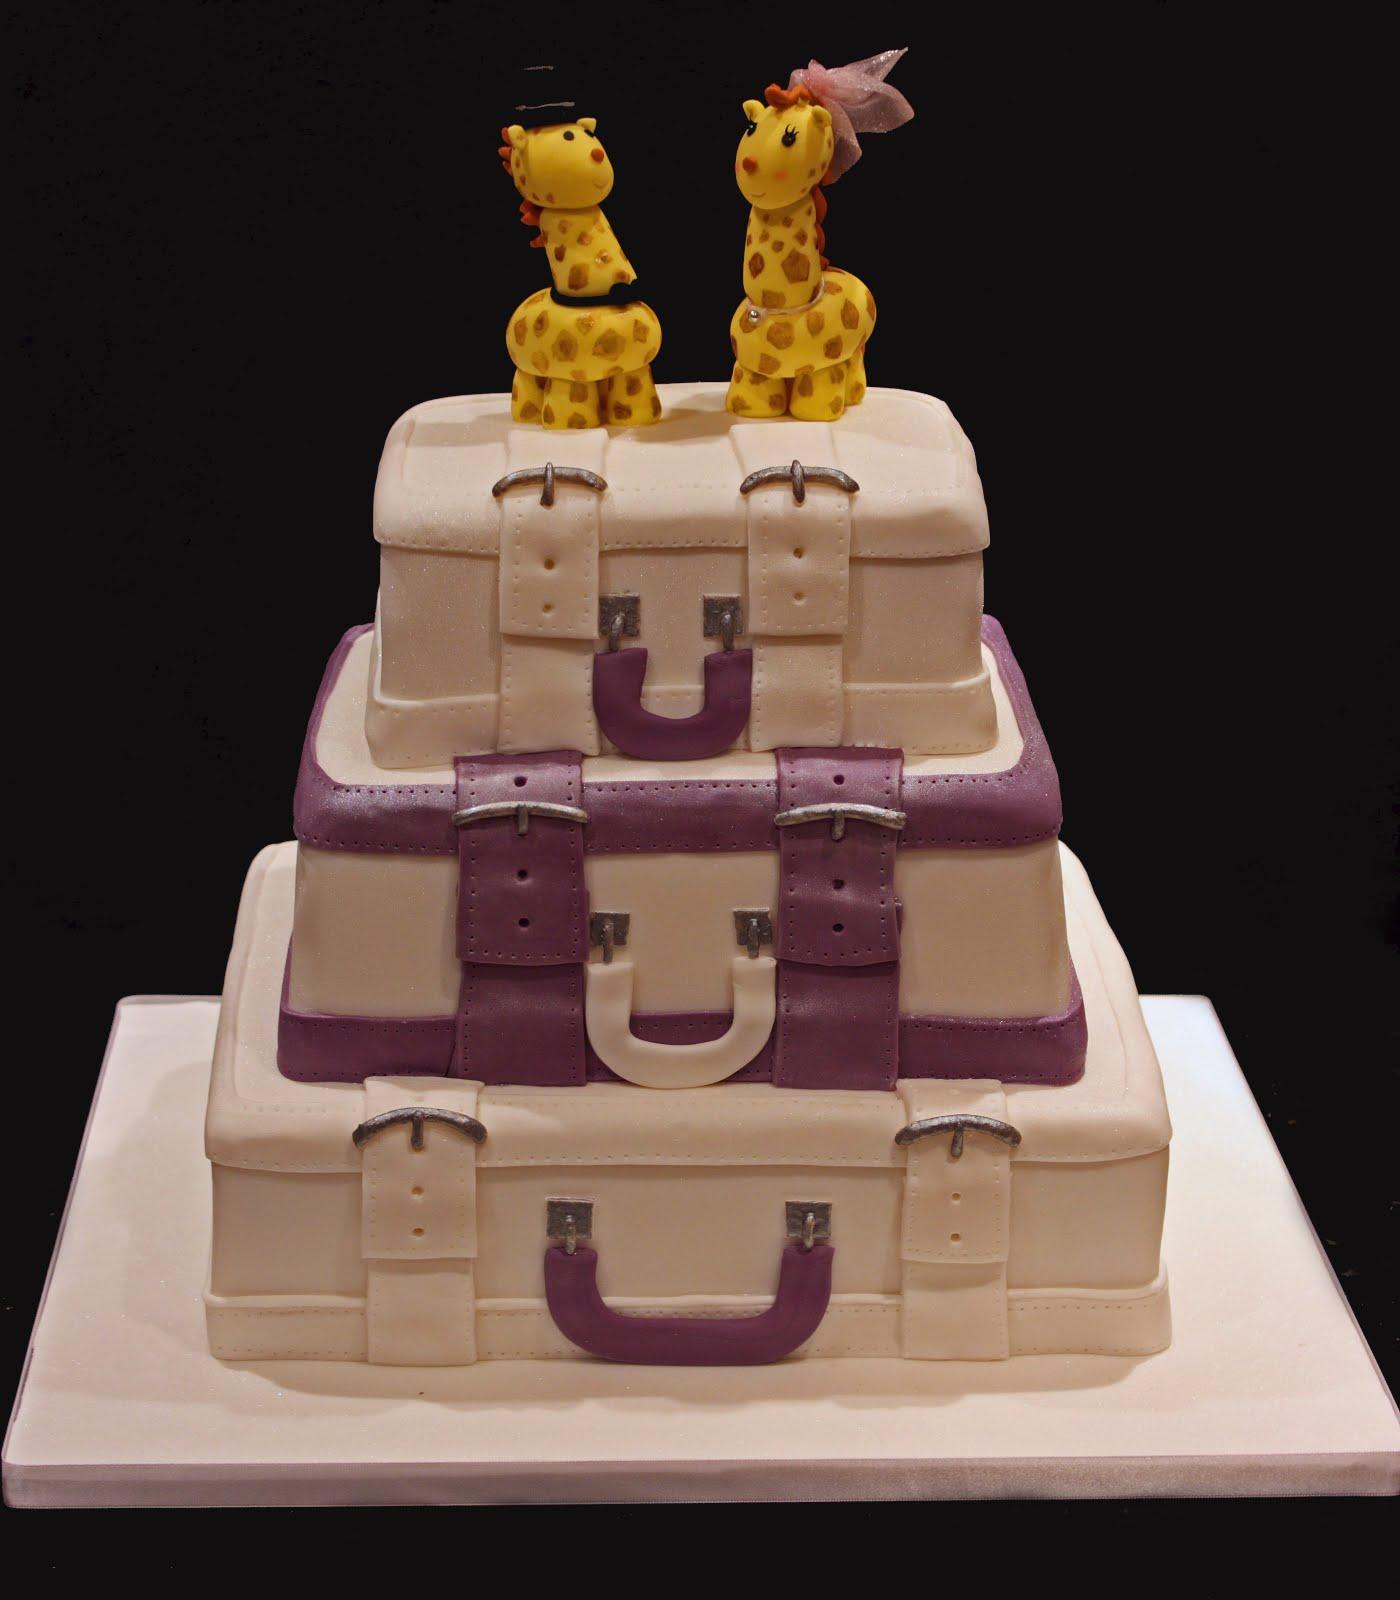 Suitcase Cakes Designs